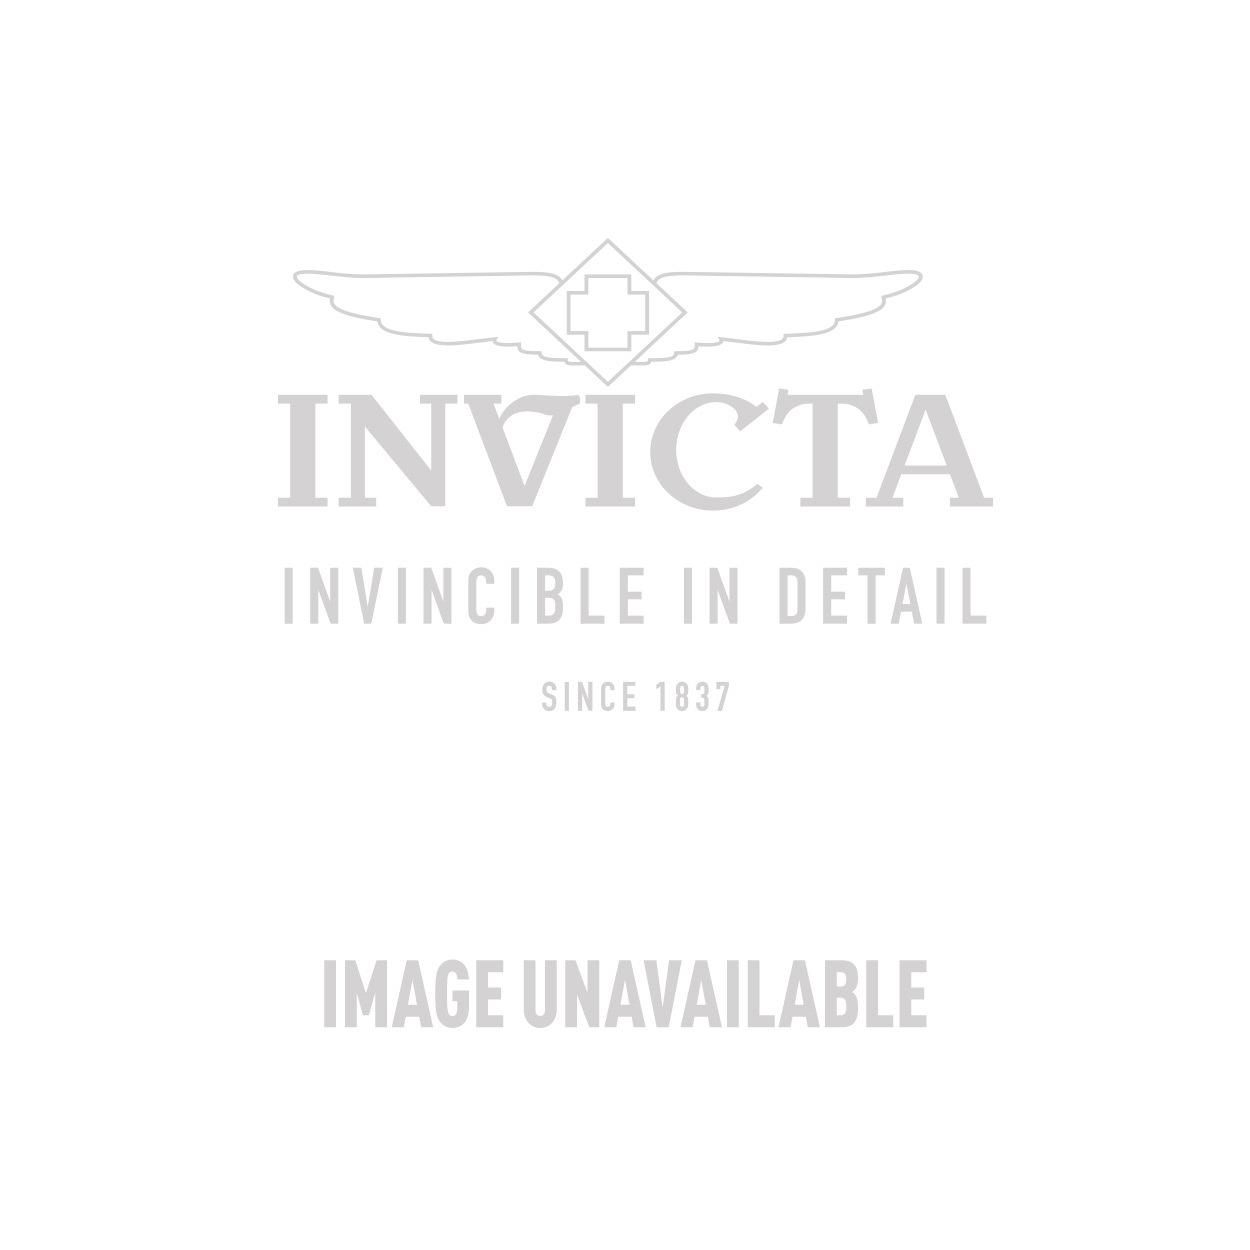 Invicta Model 26983